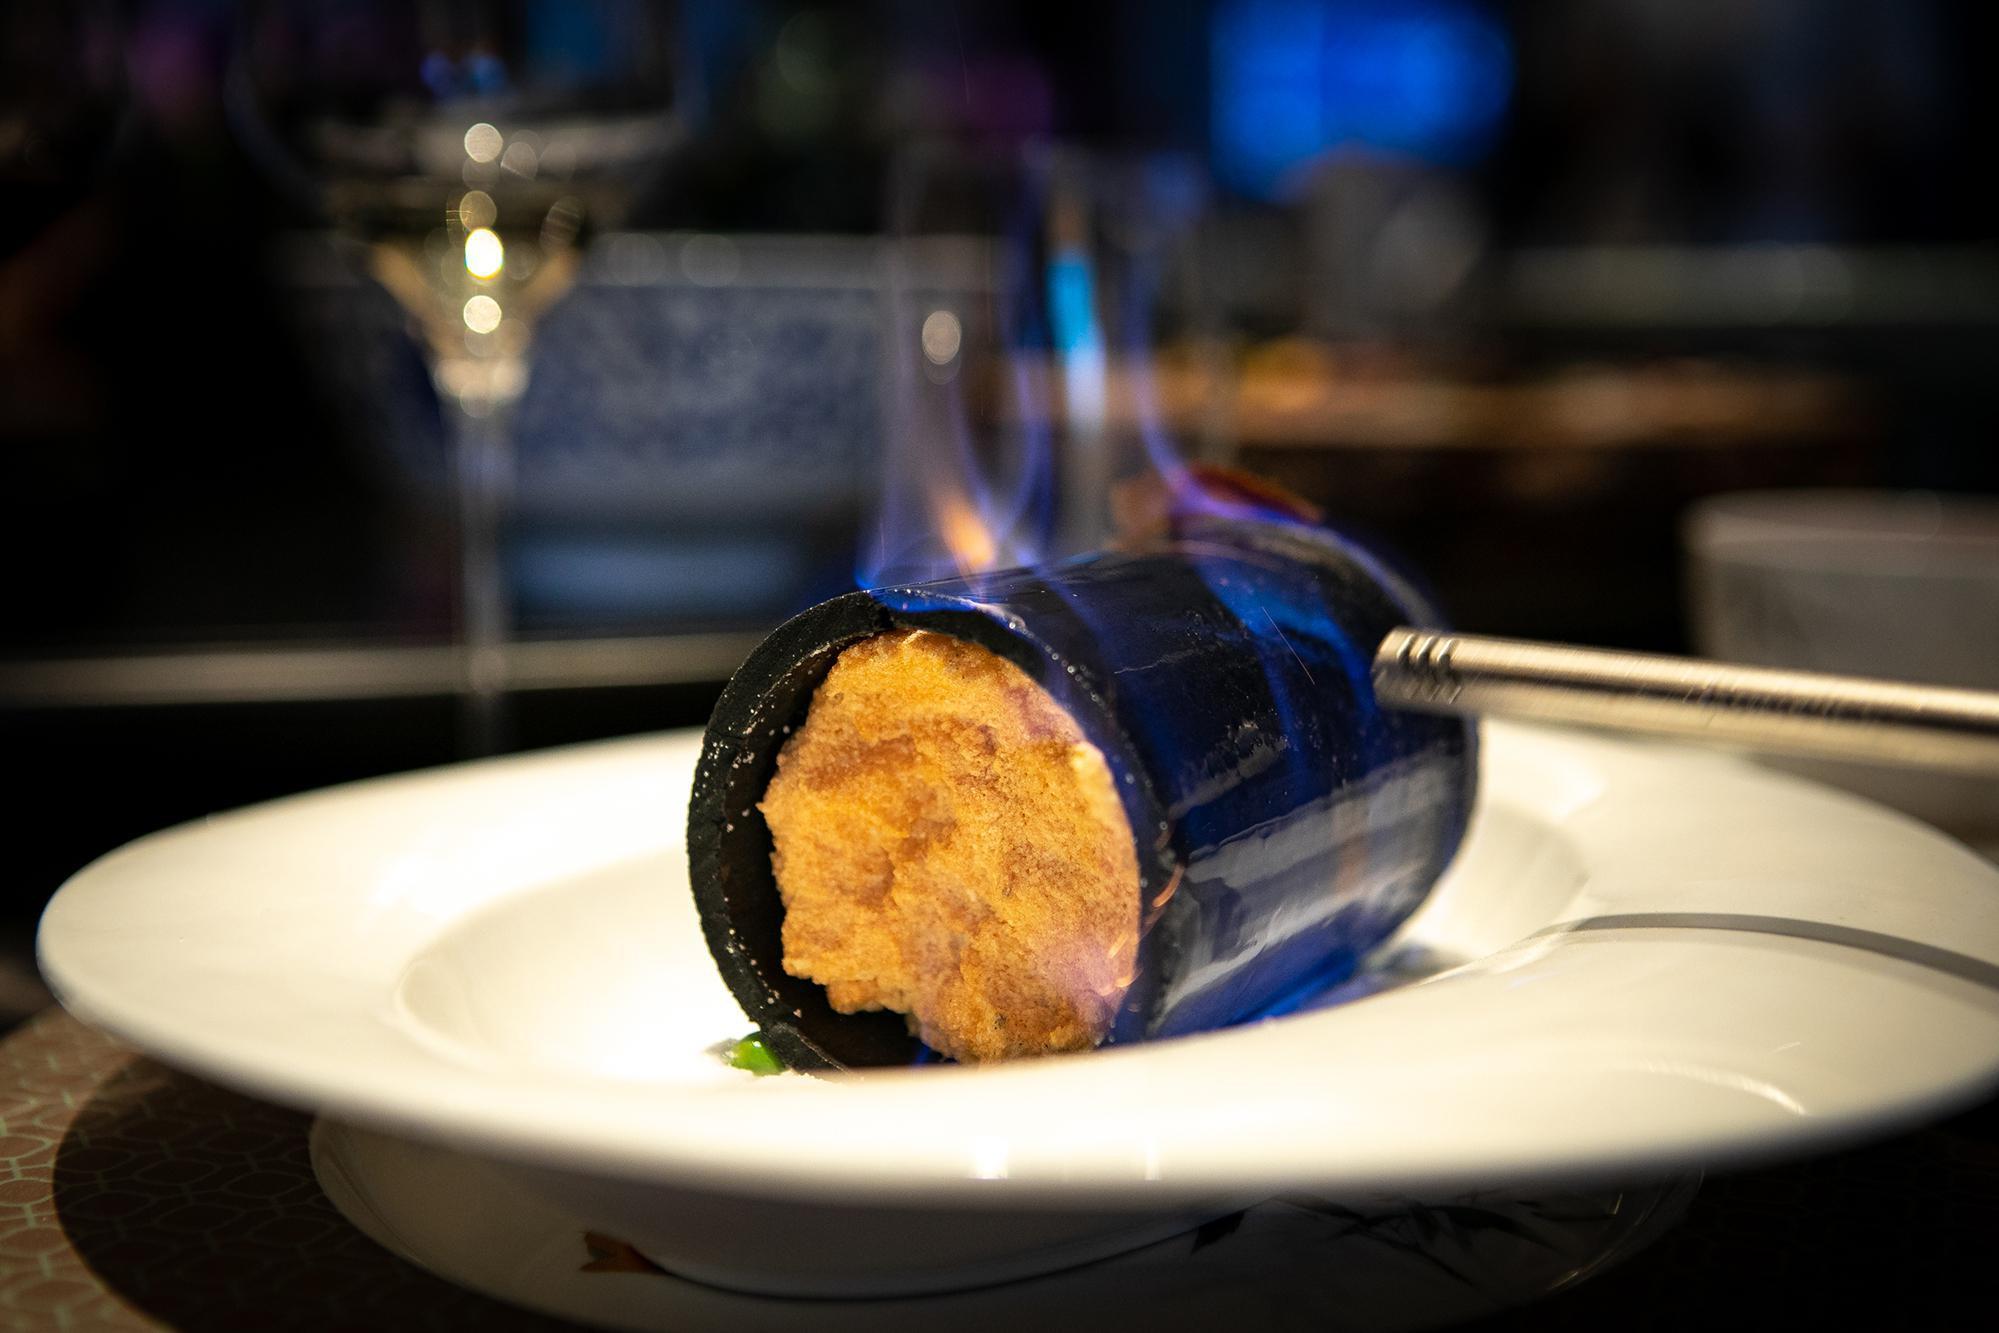 贵阳东景希尔顿酒店的中餐大菜,青雅十味,一出手就让我大喊好吃